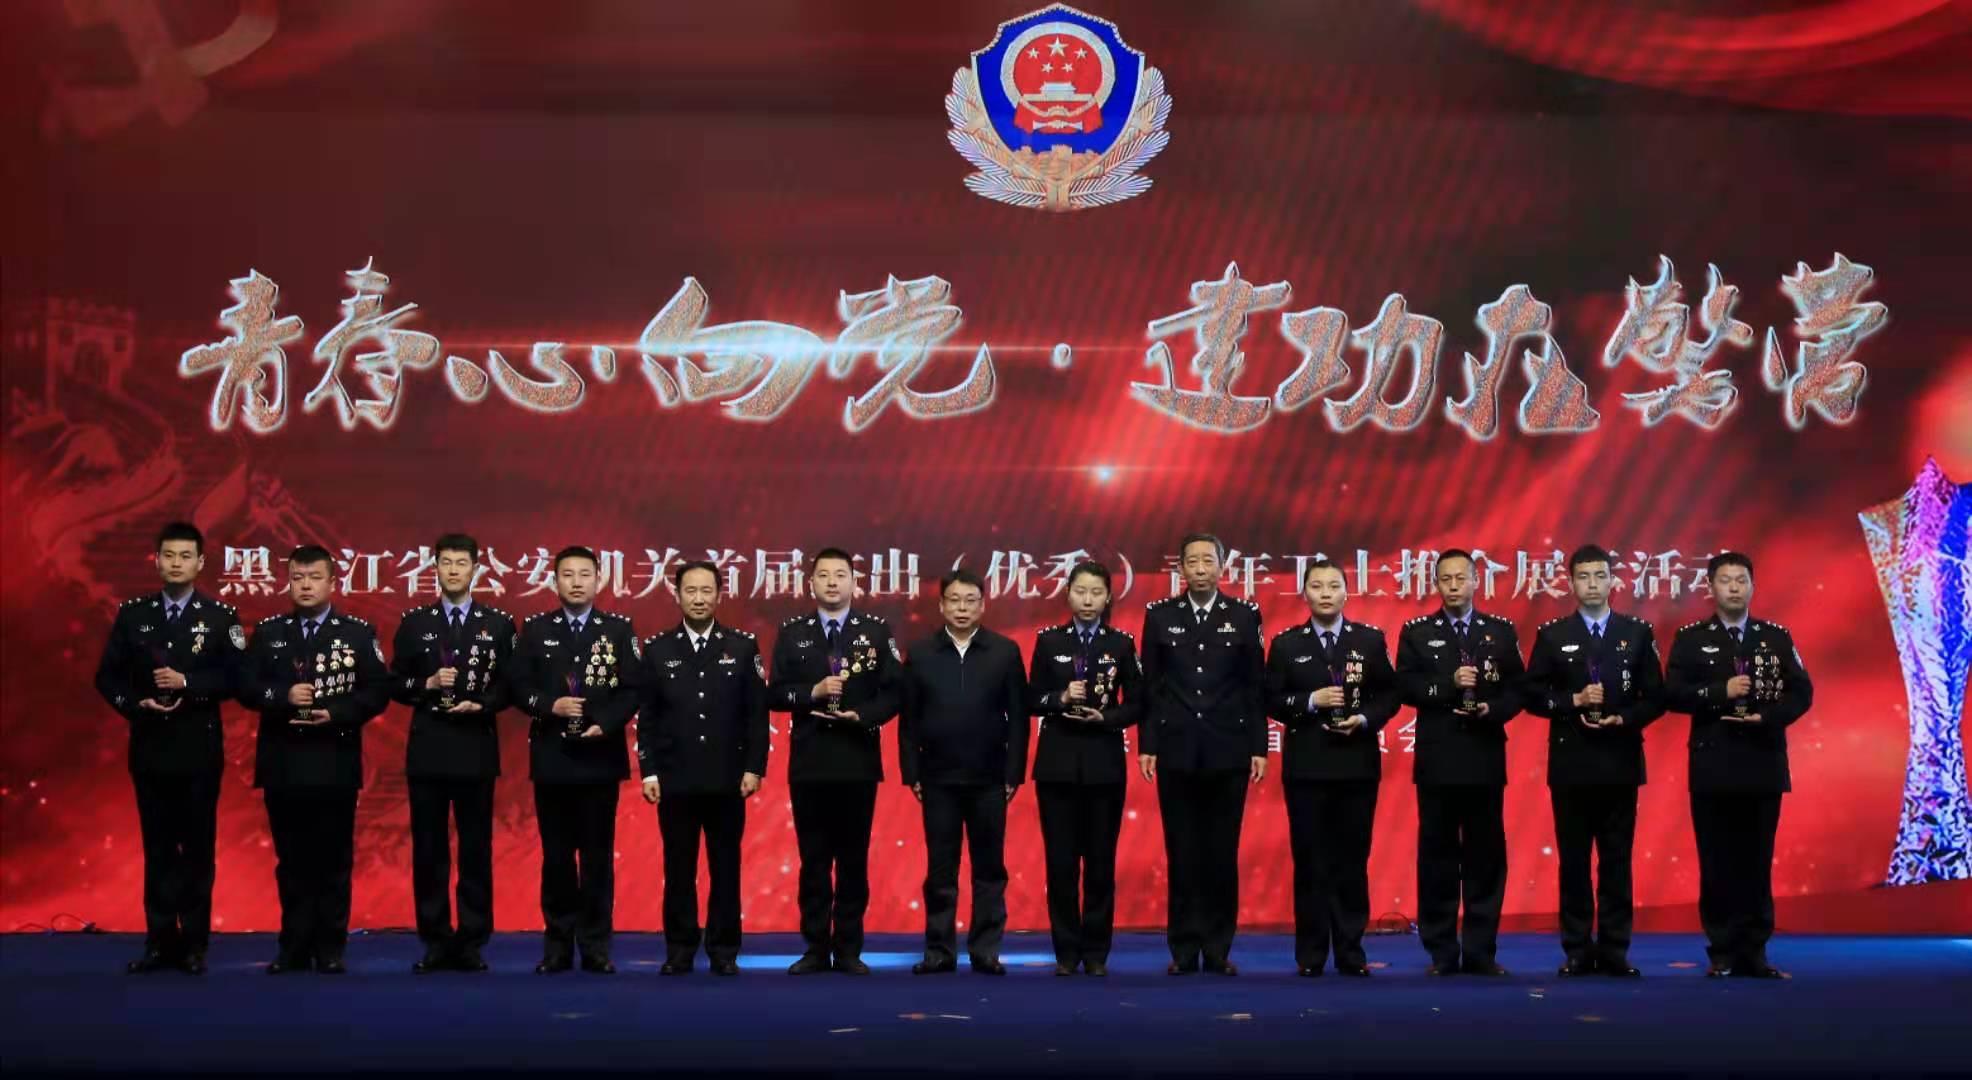 黑龙江省公安机关举行首届杰出(优秀) 青年卫士推介展示活动